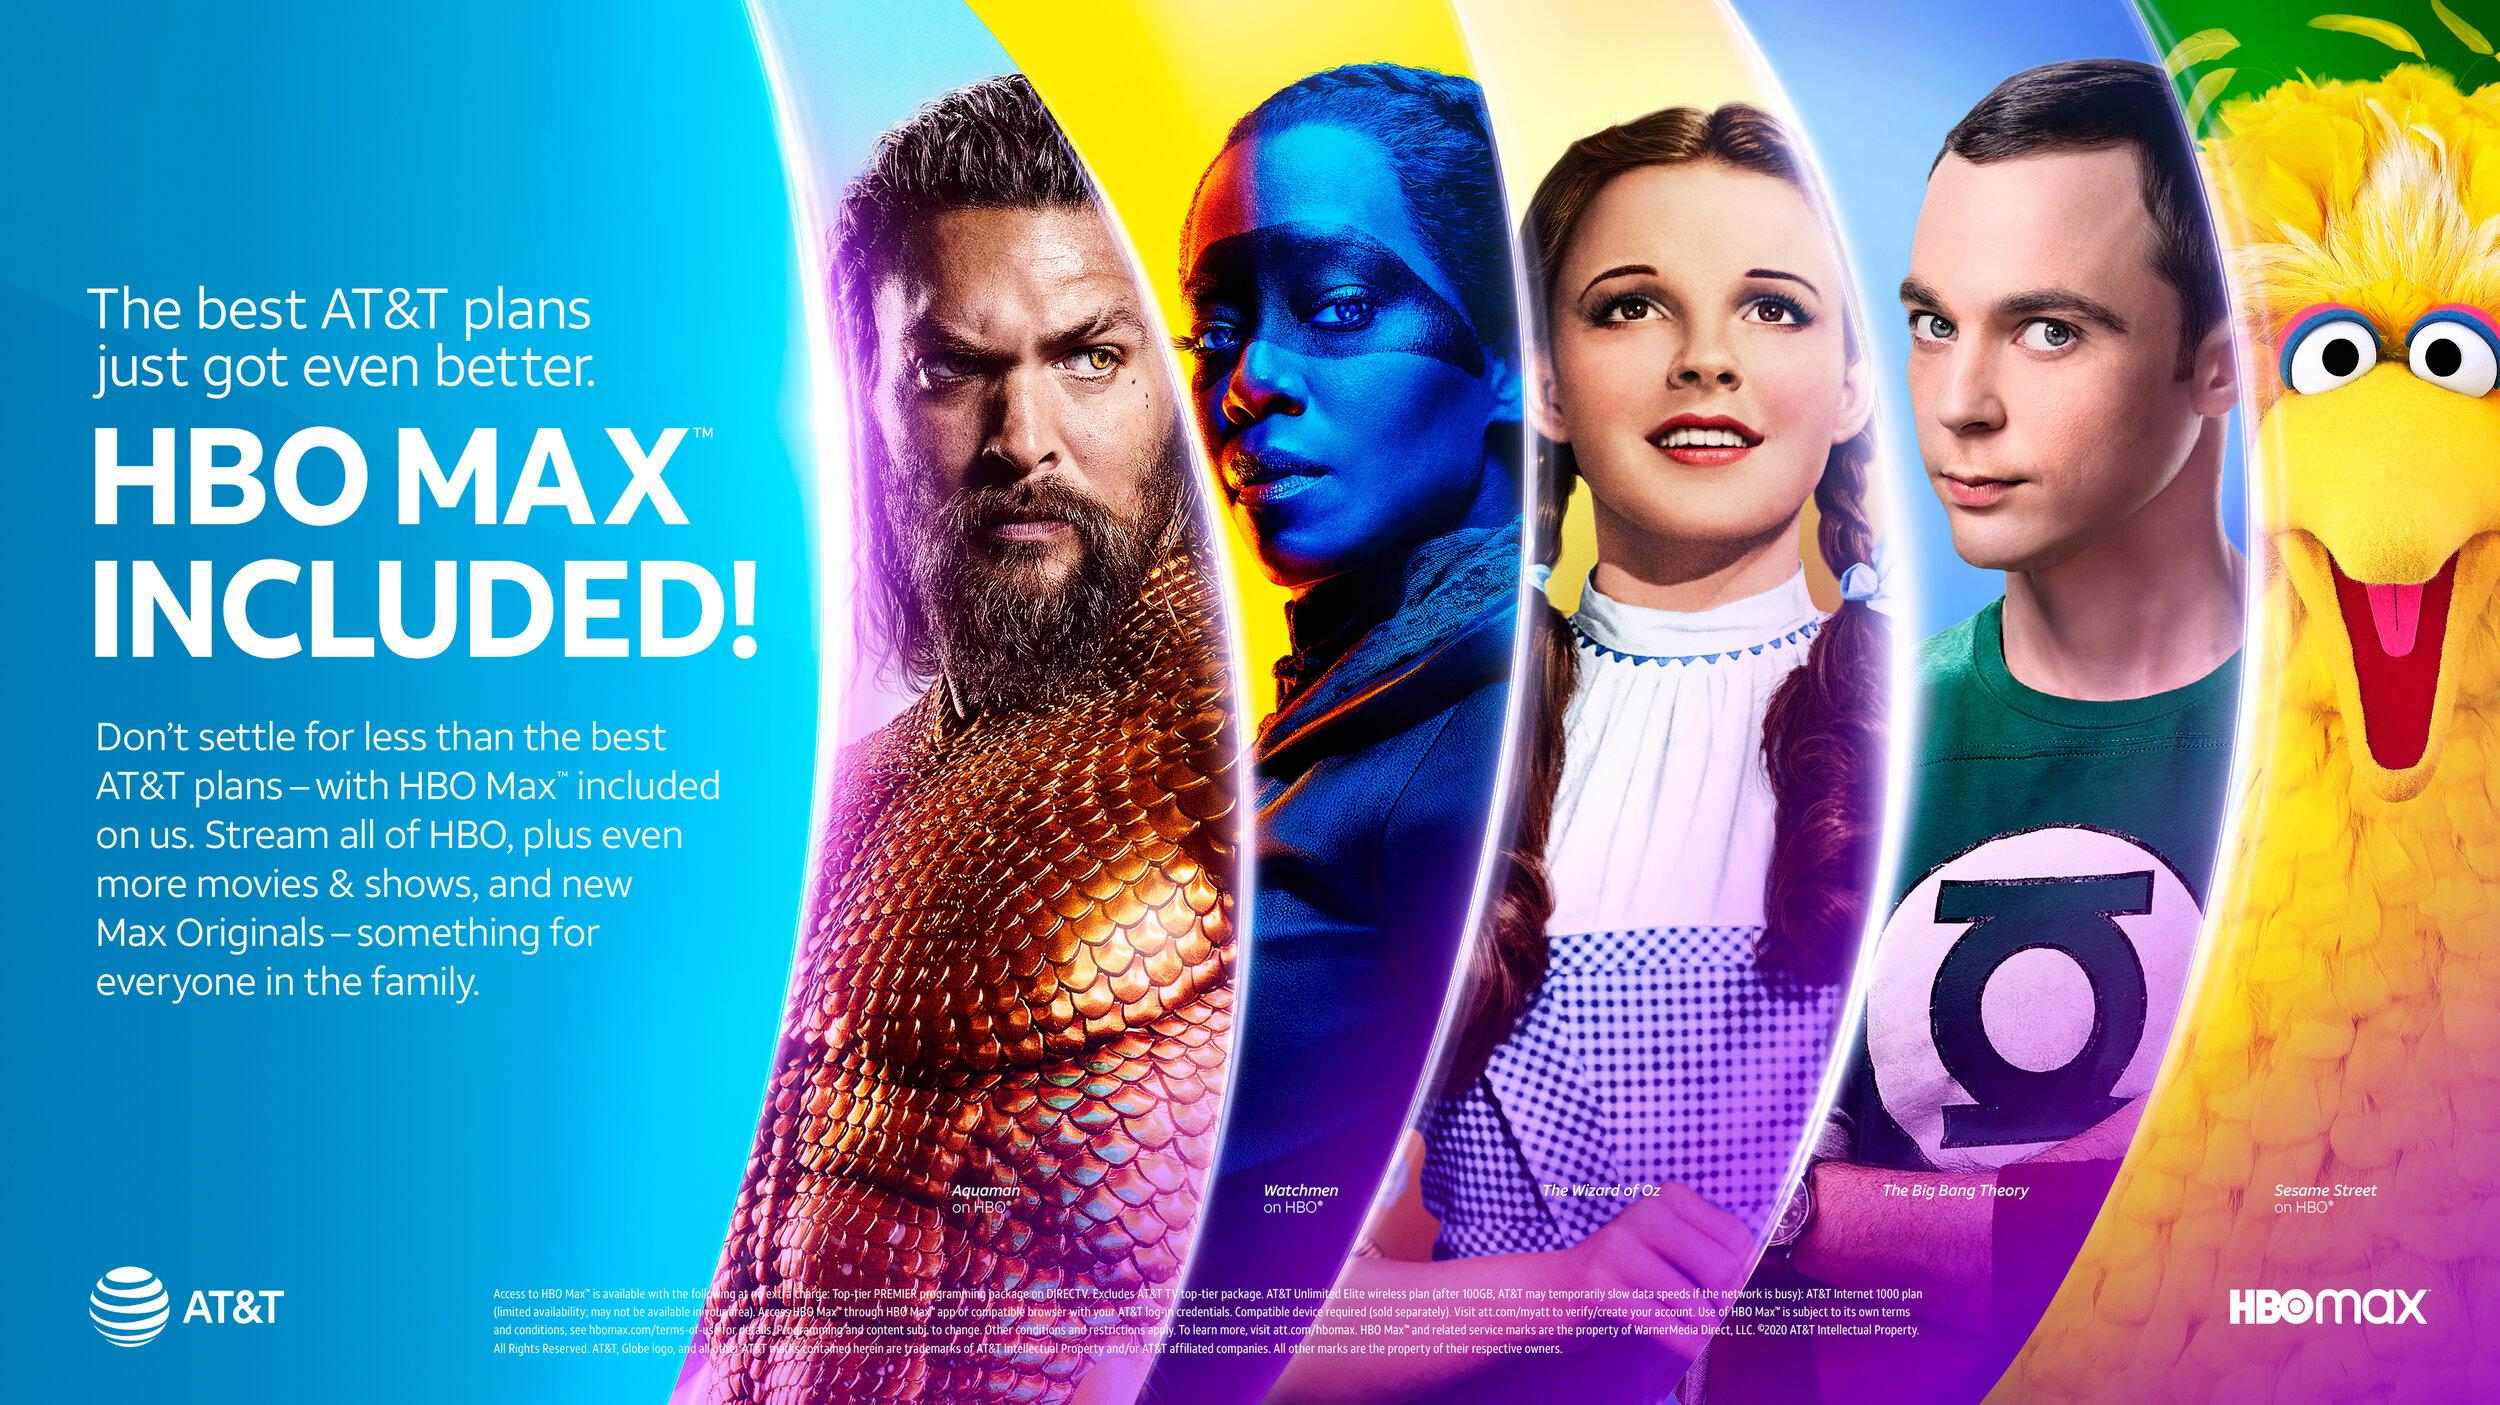 AT&T + HBO Max — Joe Barbieri